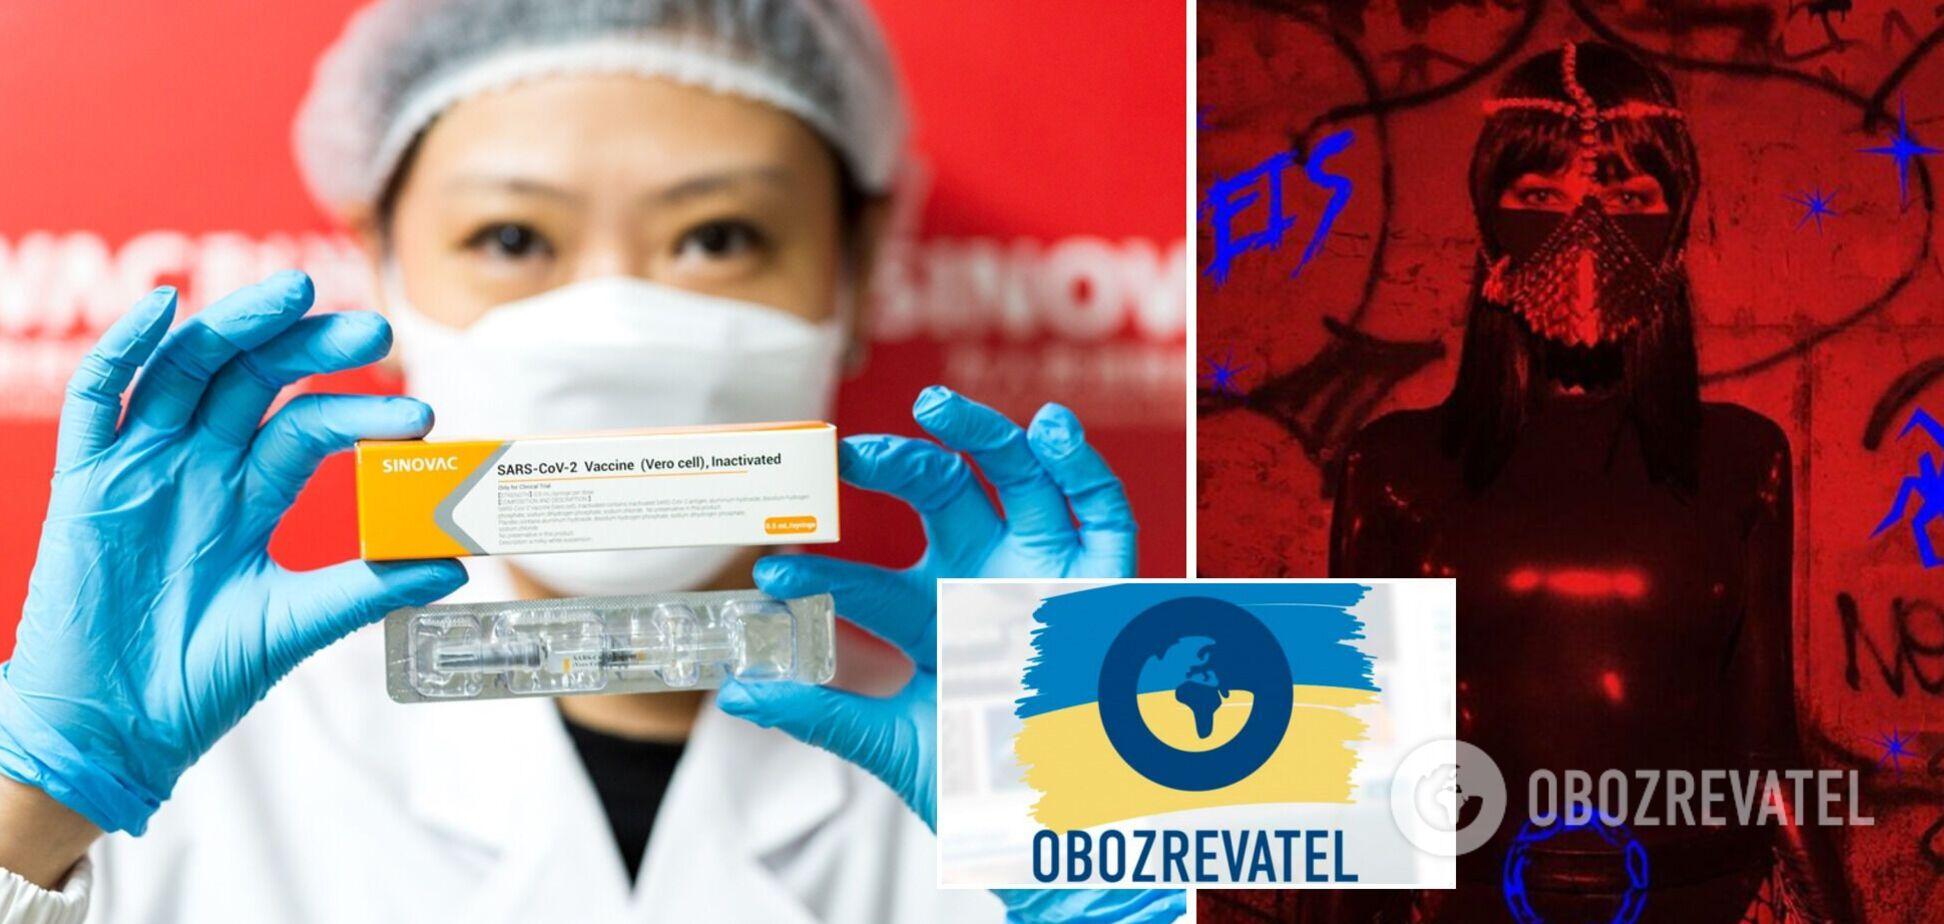 Новости Украины: из Китая прибыло еще 500 тысяч доз вакцины, а жена Лещенко выступила в Москве